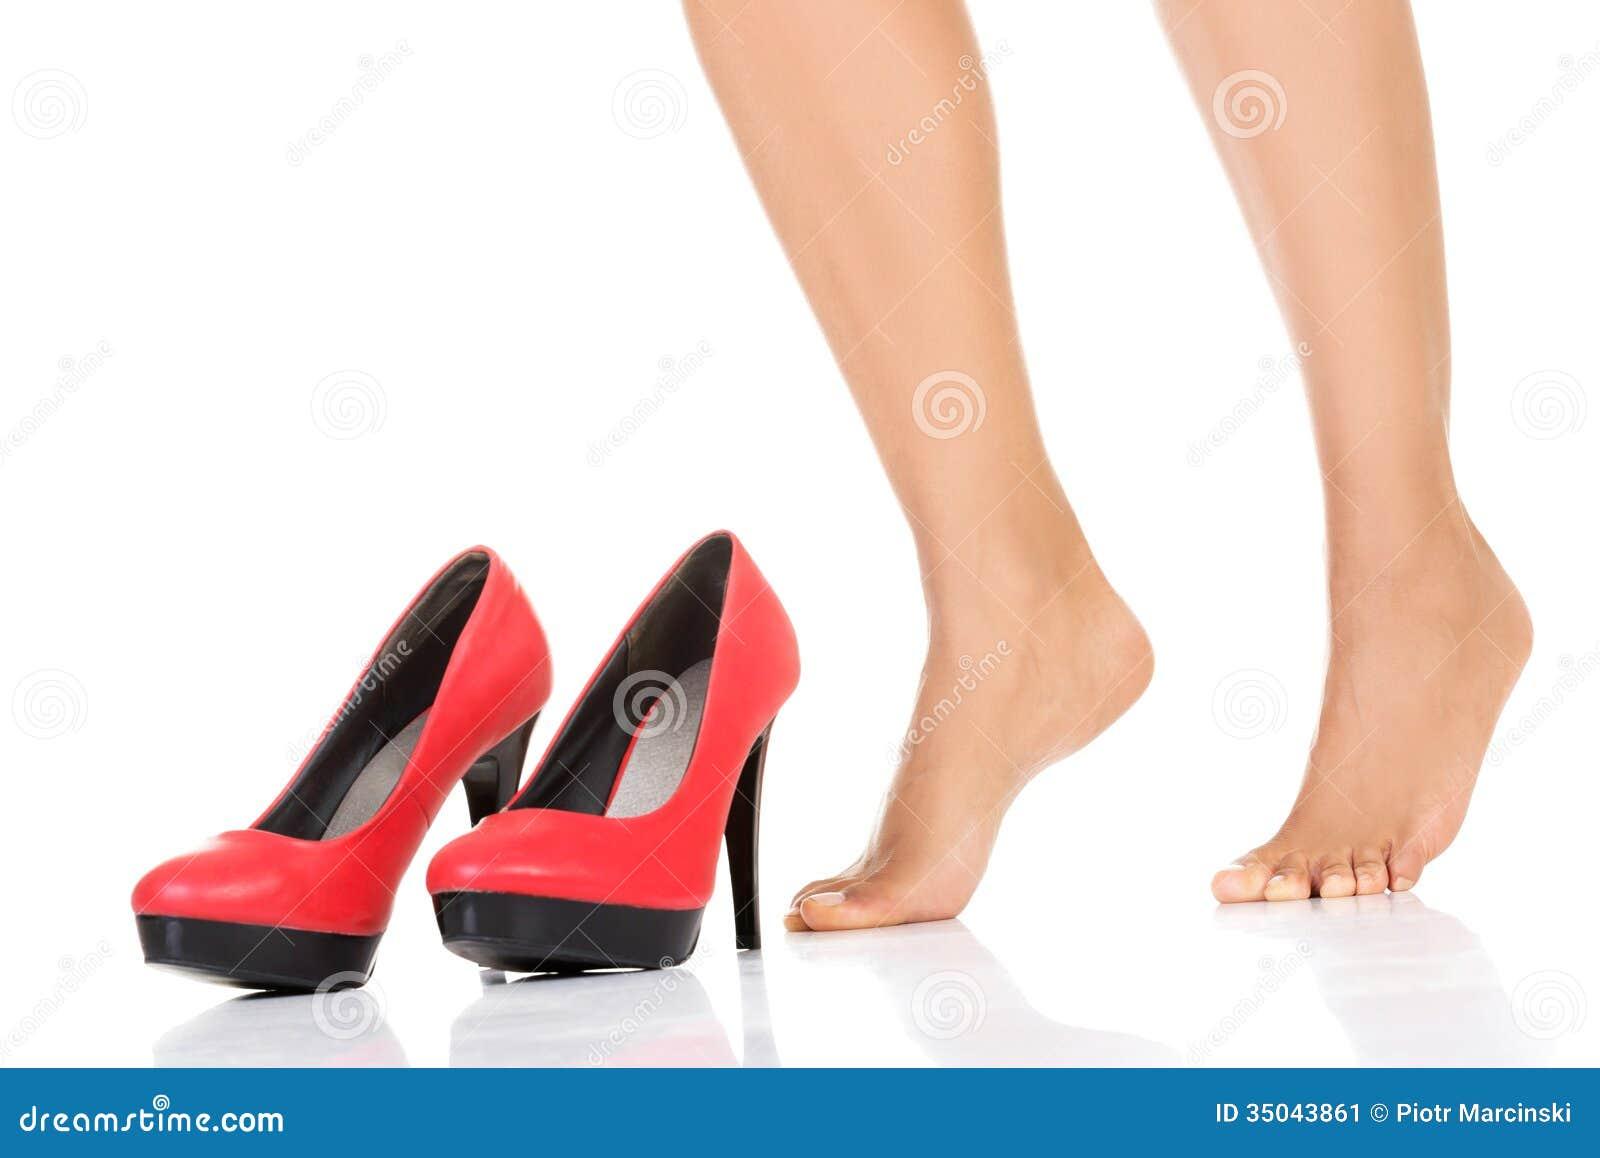 Видео женские ноги фетиш — photo 6